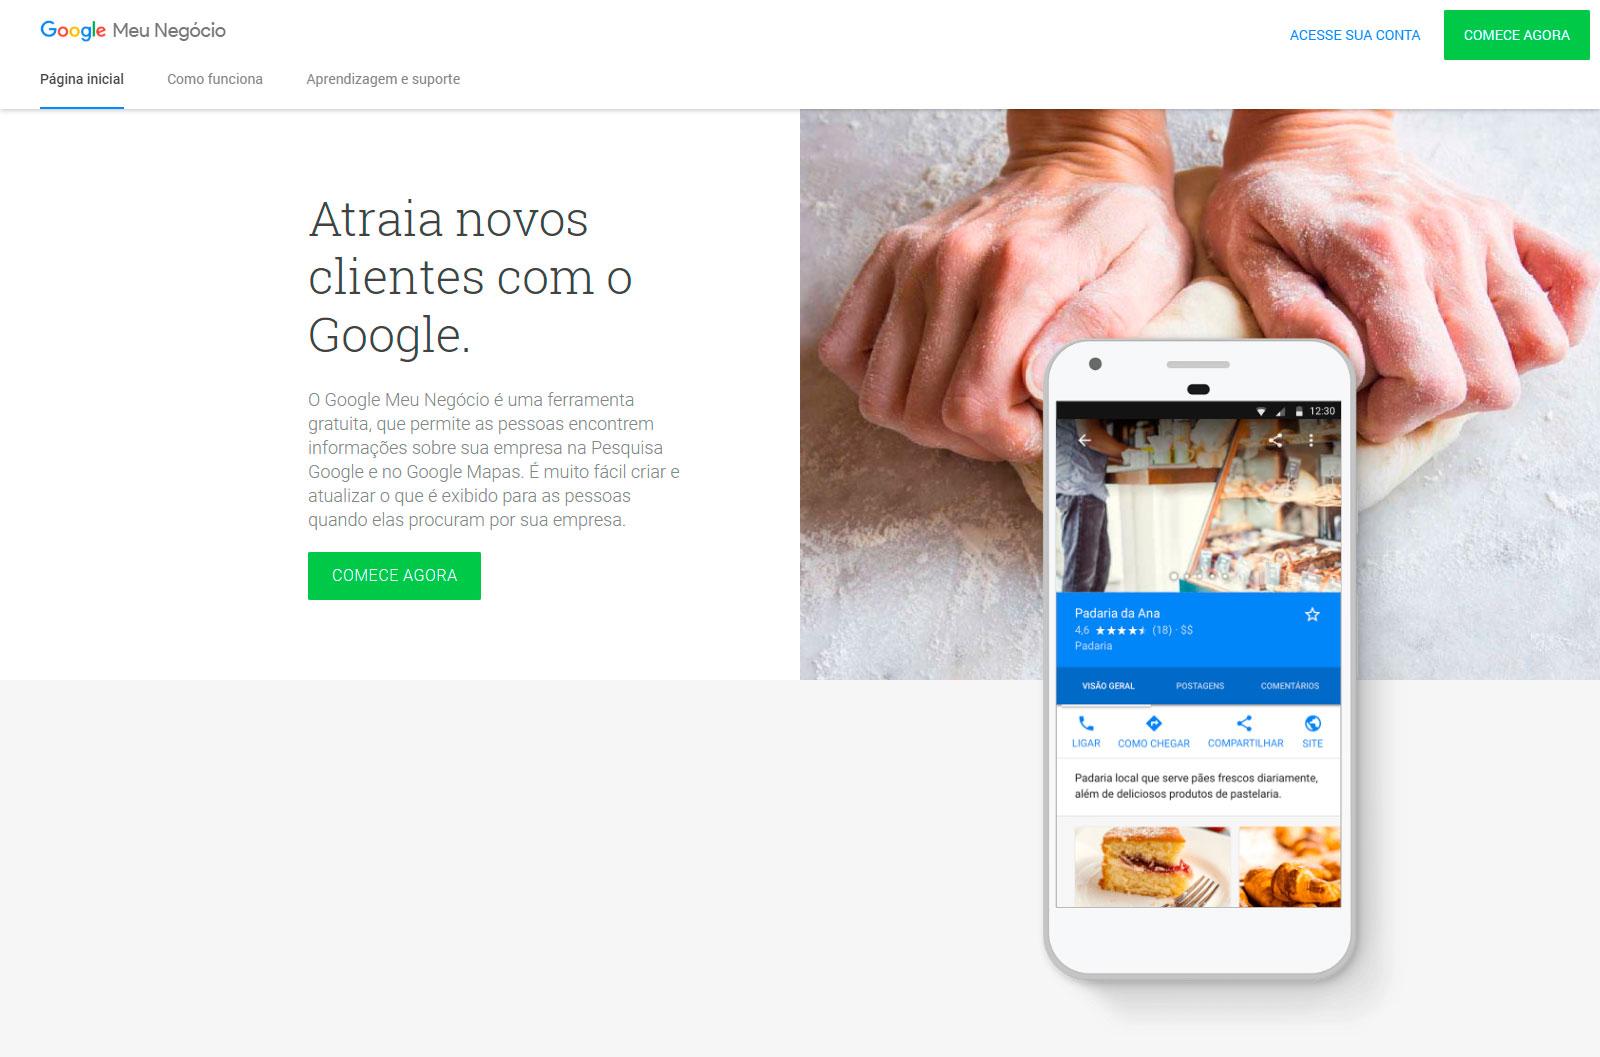 Google Meu Negócio - SEO Local